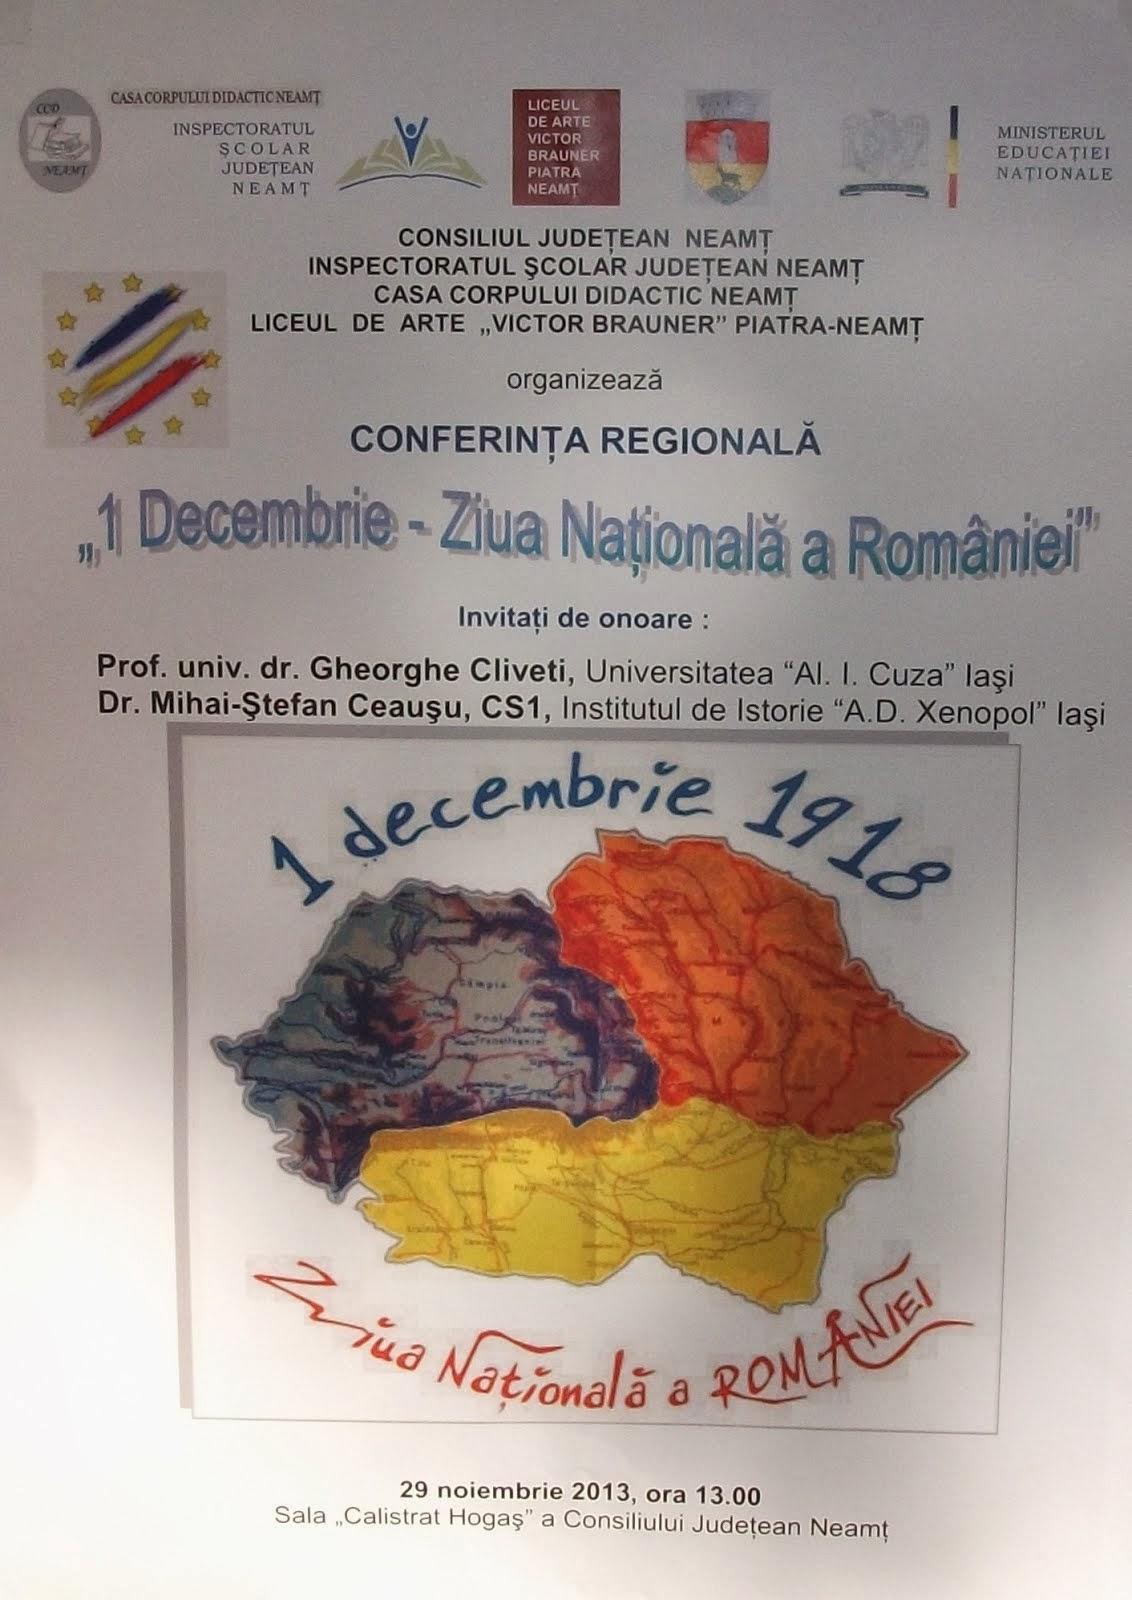 Afişul oficial al conferinţei regionale...